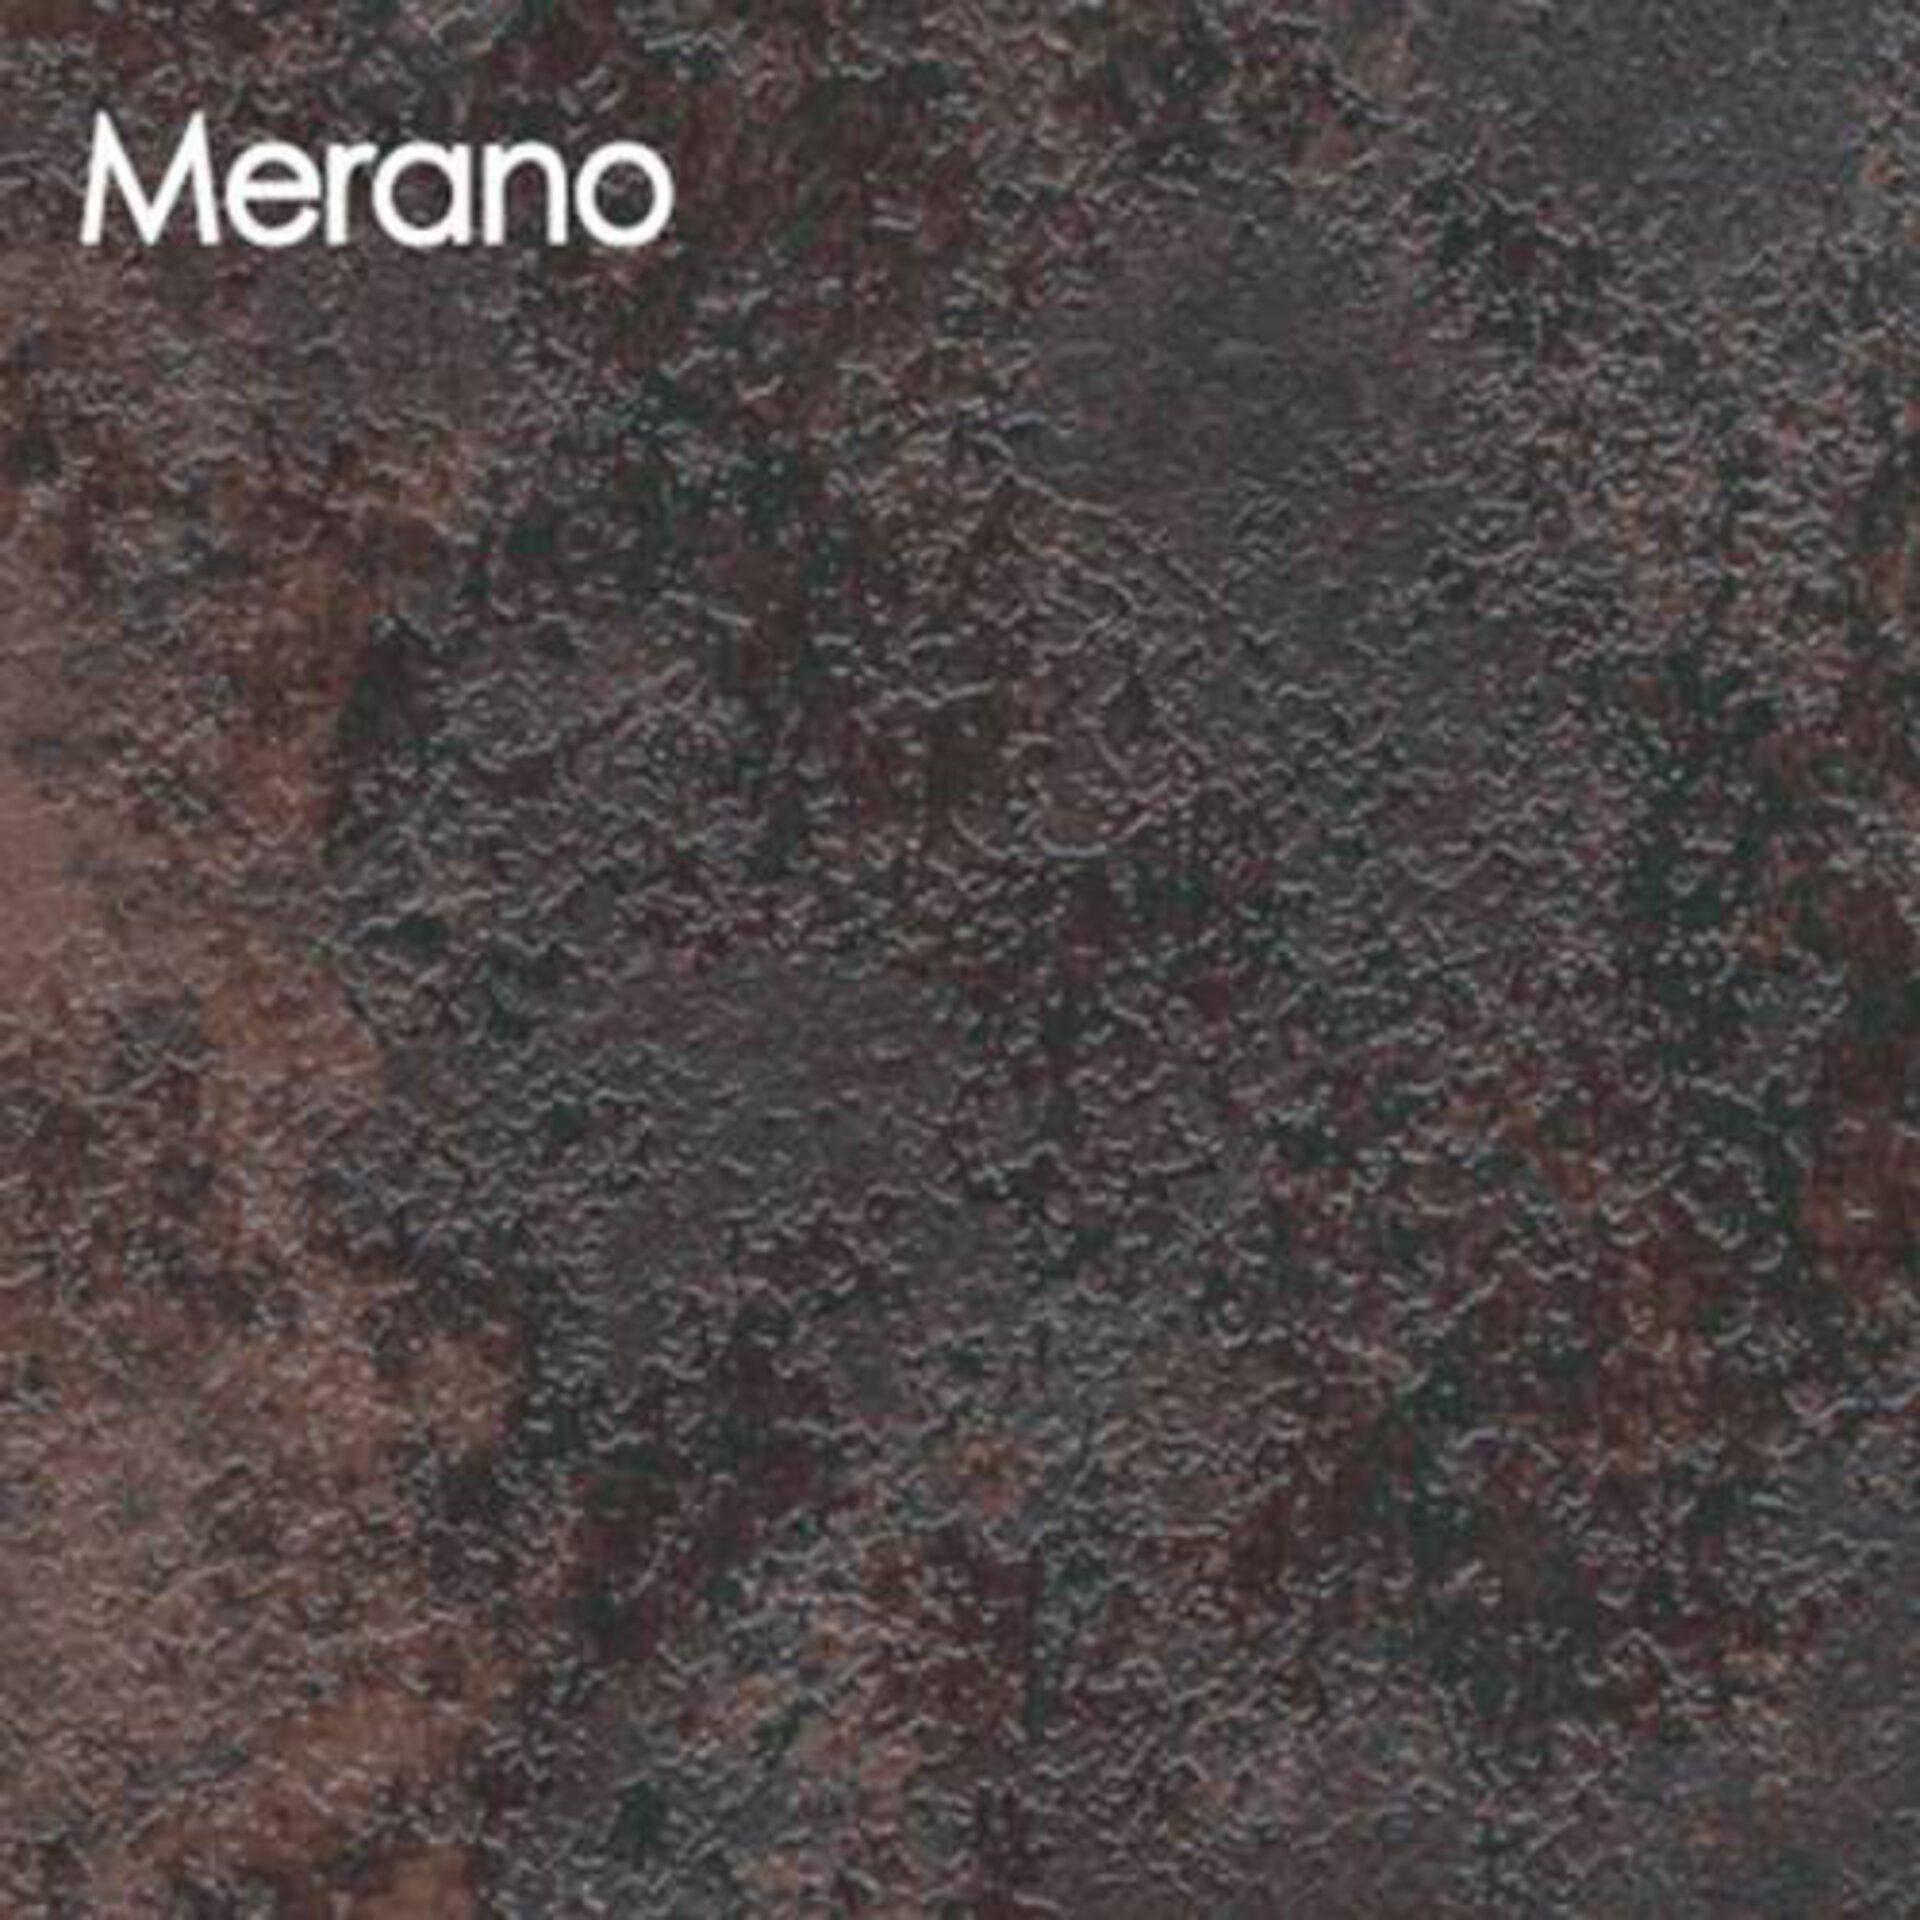 Arbeitsplatte aus Laminat in der rötlich braunen Steinoptik Merano.